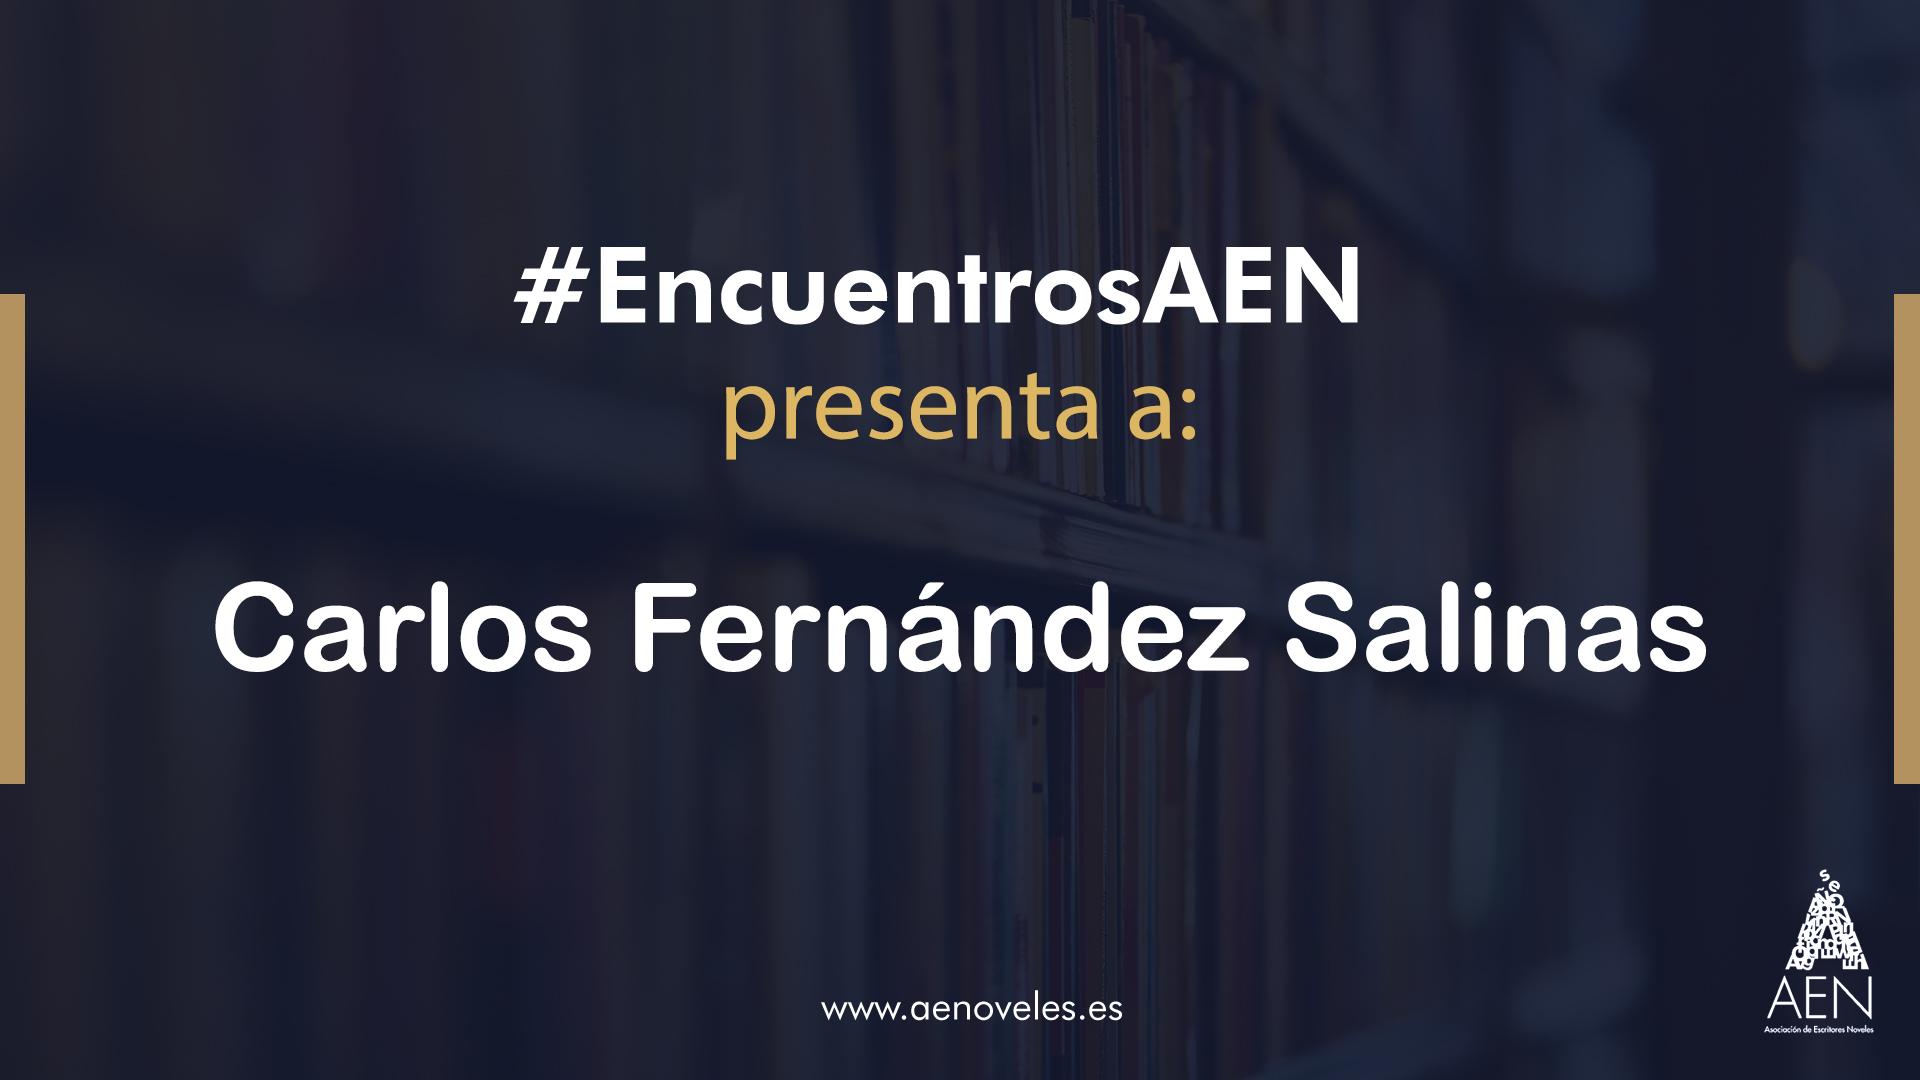 EncuentroAEN con Carlos Fernandez Salinas